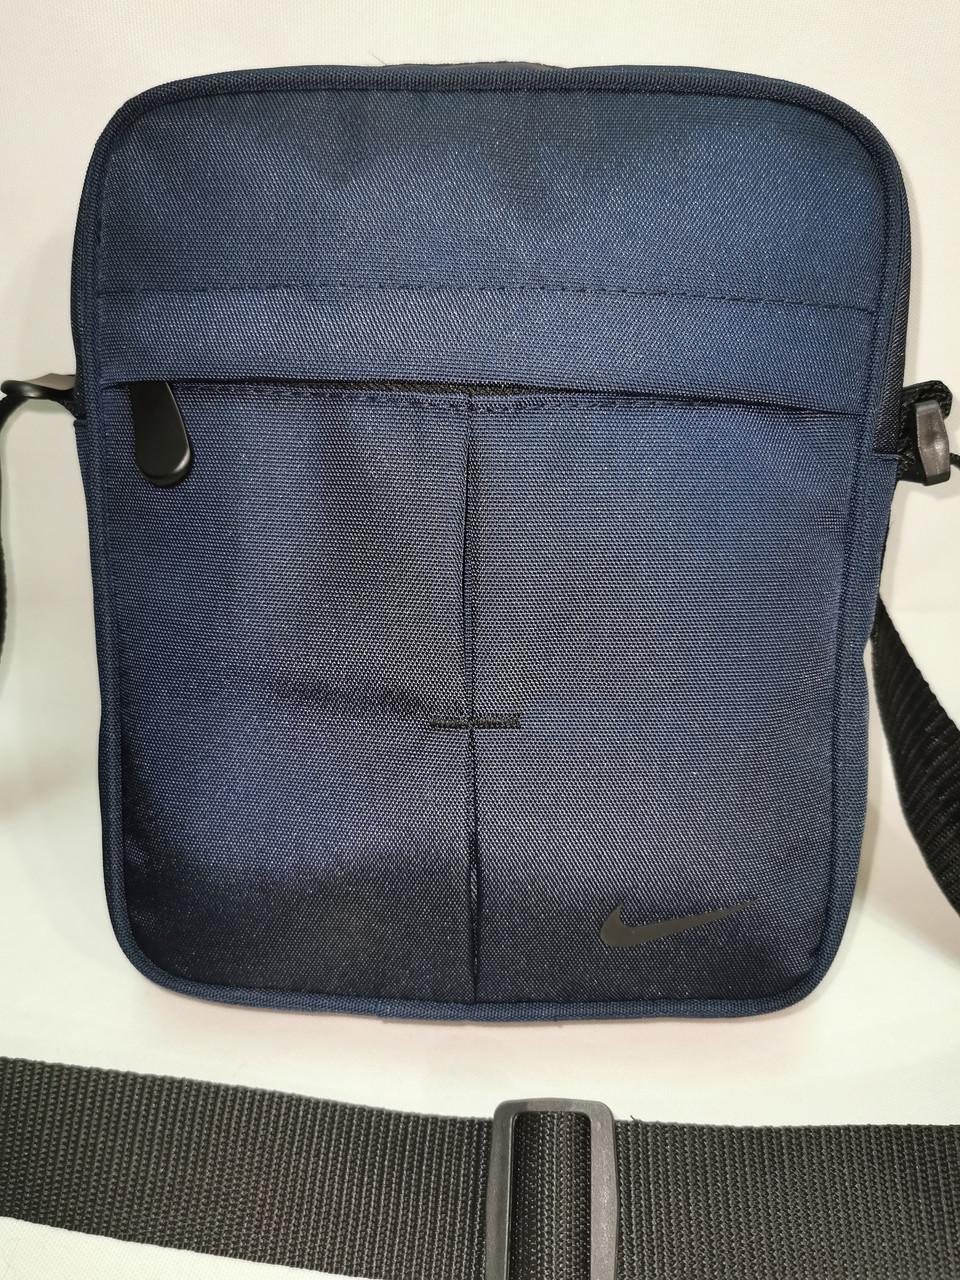 (Новый стиль)Барсетка NIKE Оксфорд ткань 1000D/Сумка спортивные для через плечо Унисекс ОПТ